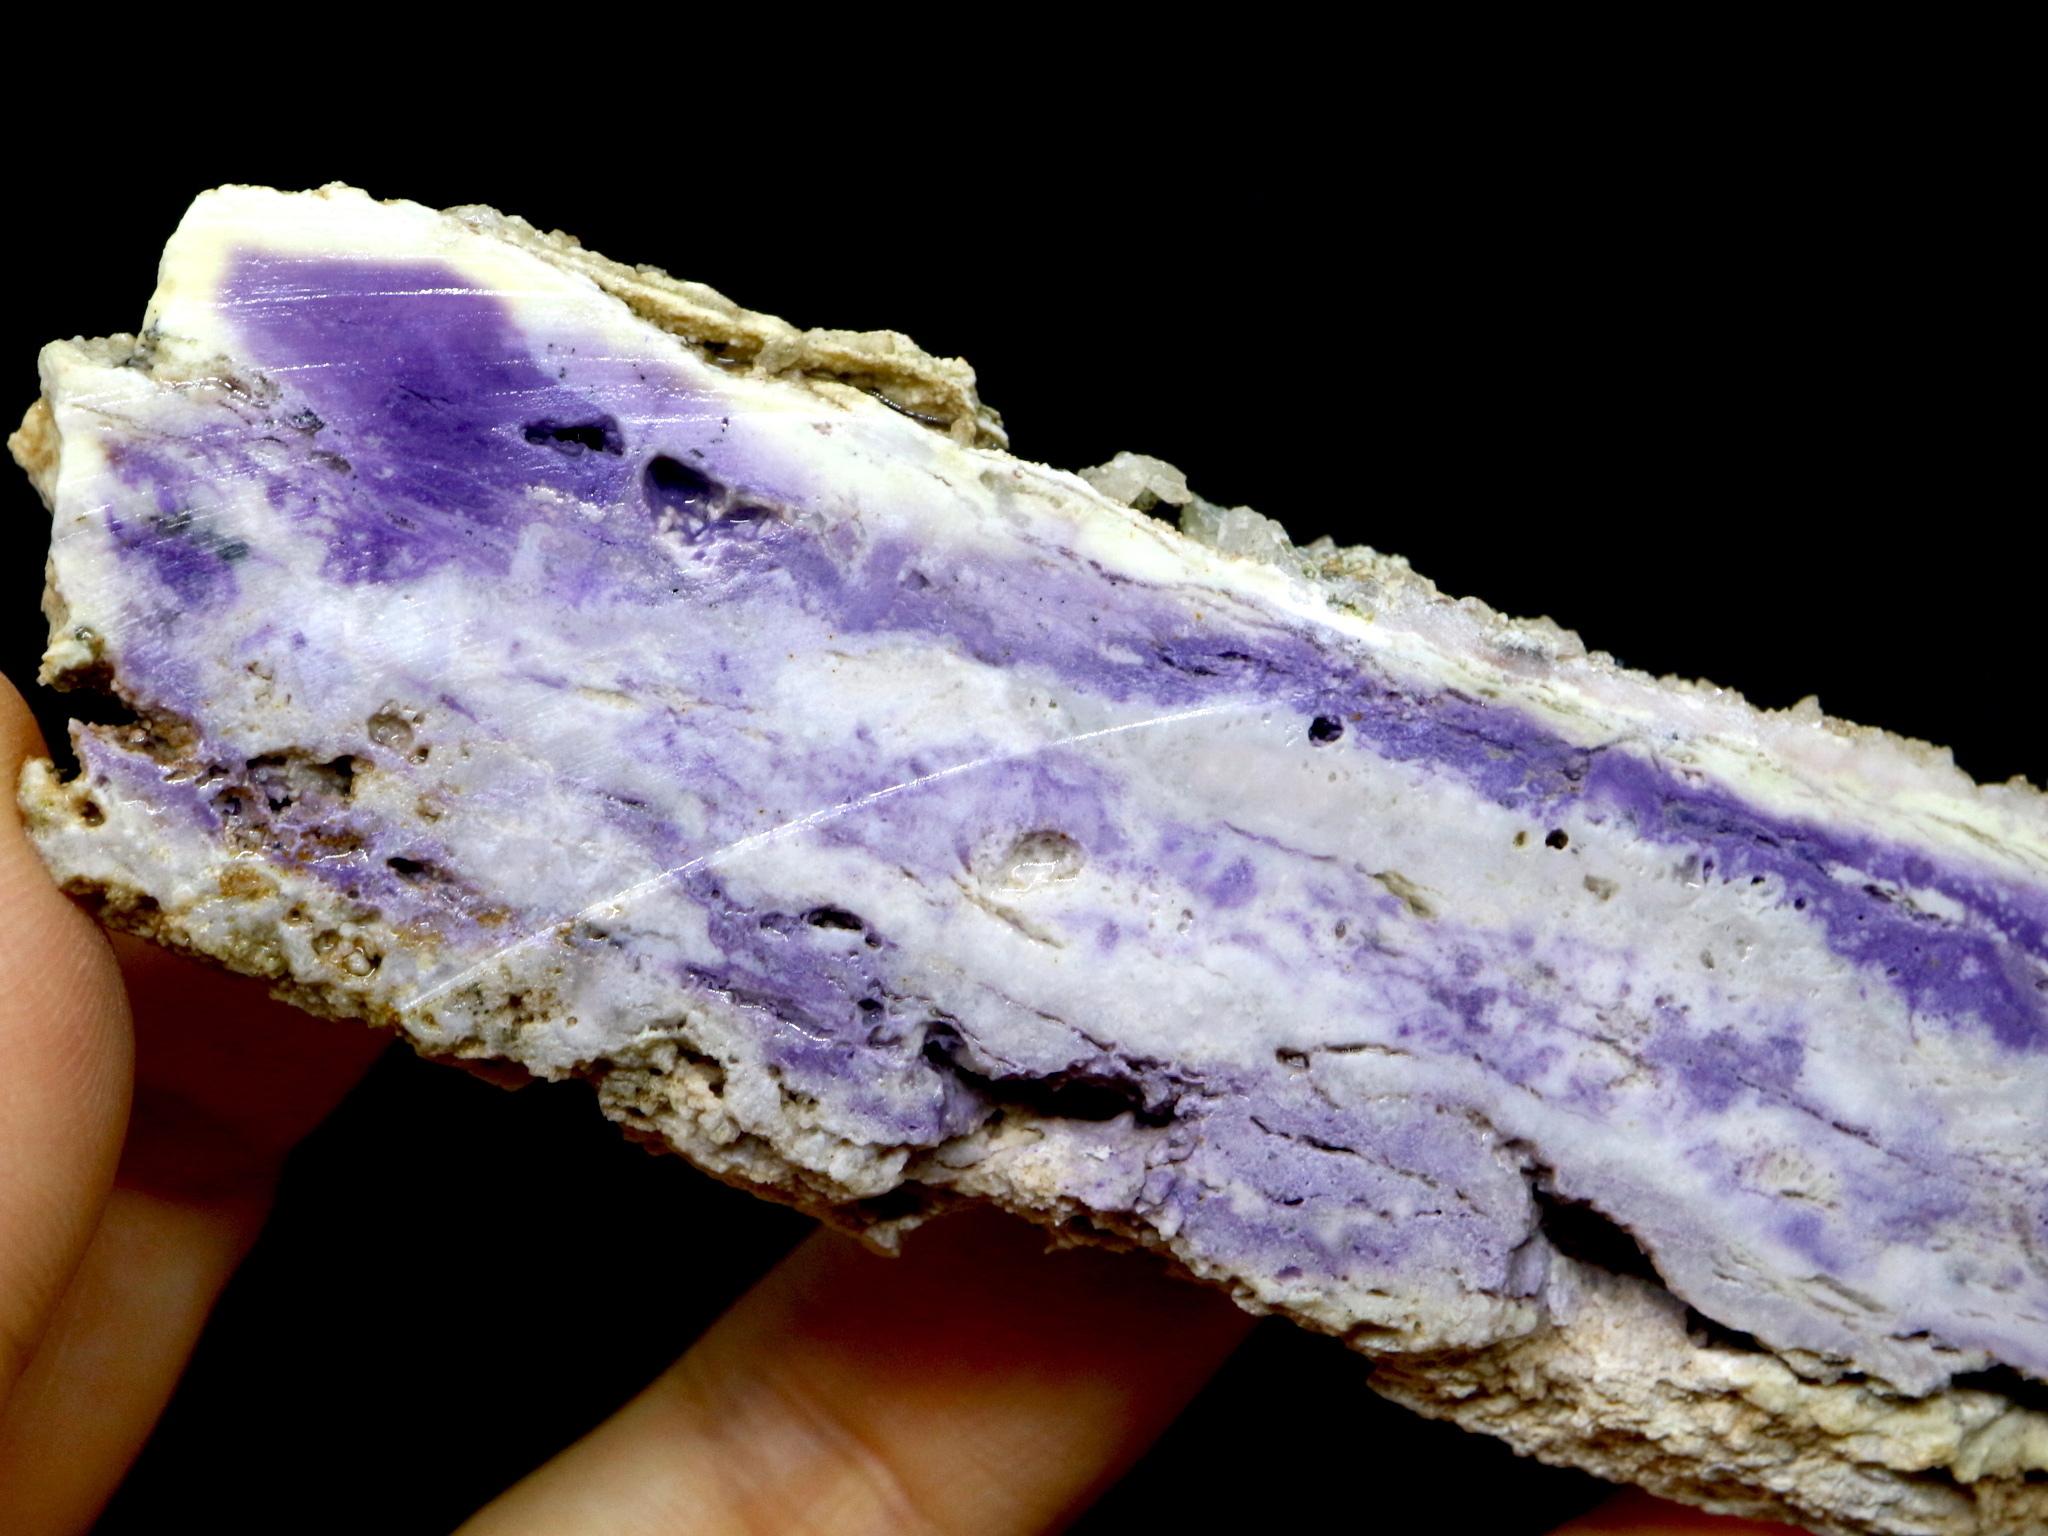 超希少!ティファニーストーン 原石 ユタ州産 55,4g 鉱物 TF046 原石 天然石 鉱物 パワーストーン